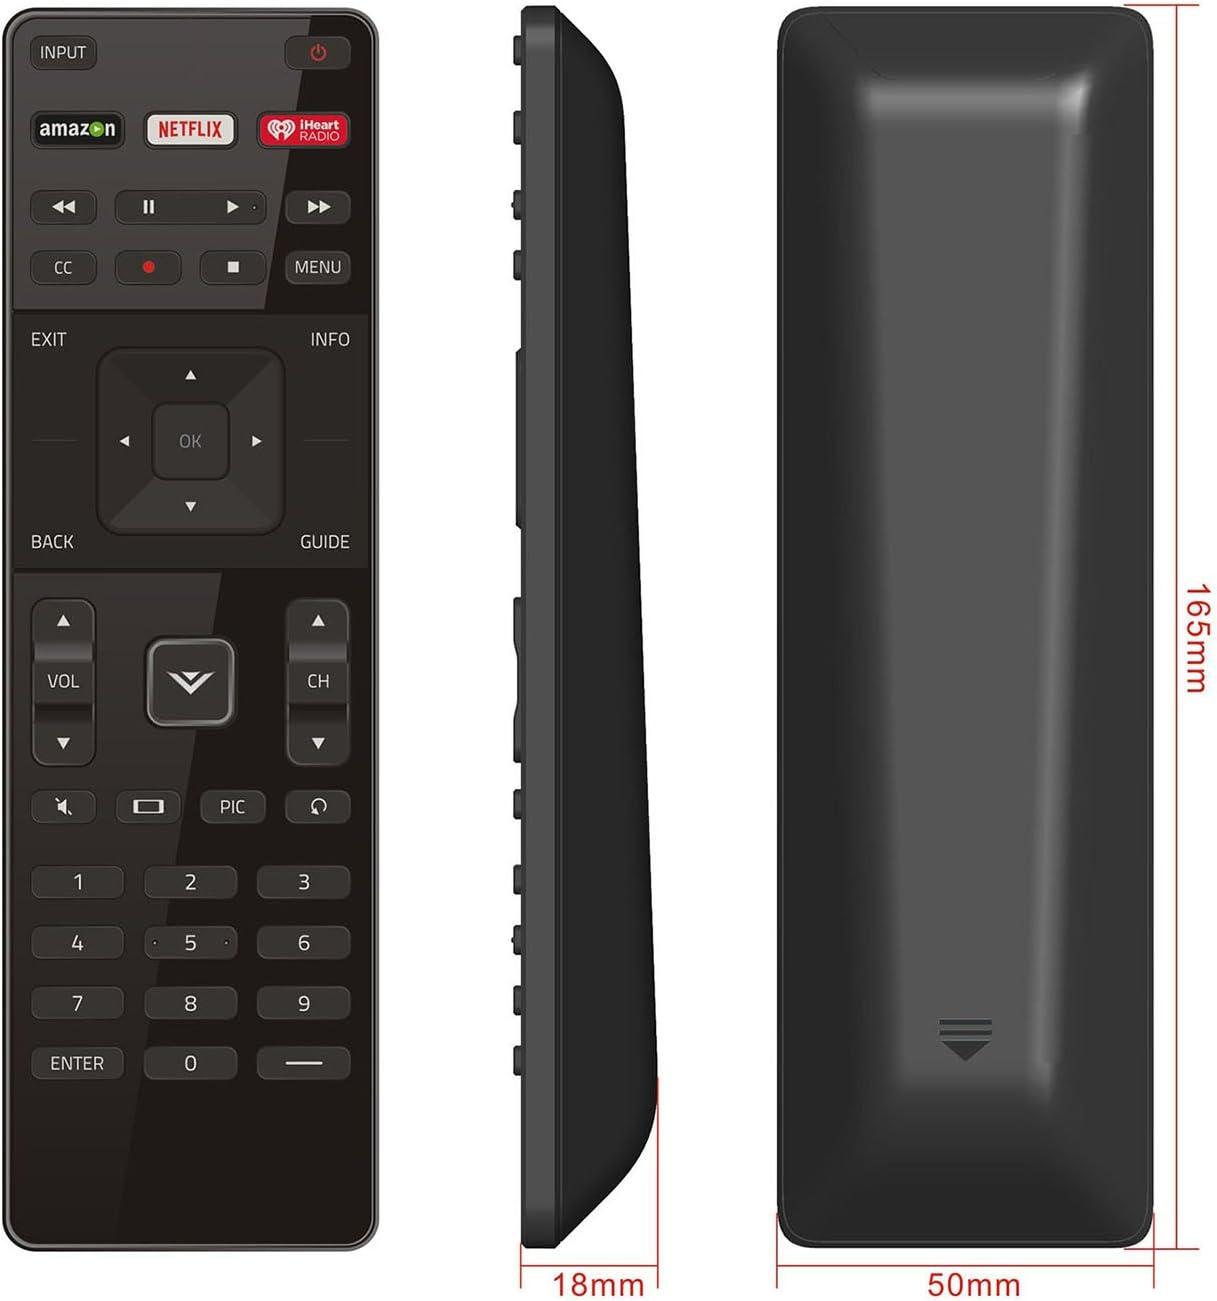 Genuine Vizio XRT112 TV Remote Control w//Amazon Netflix /& iHeart Shortcut USED